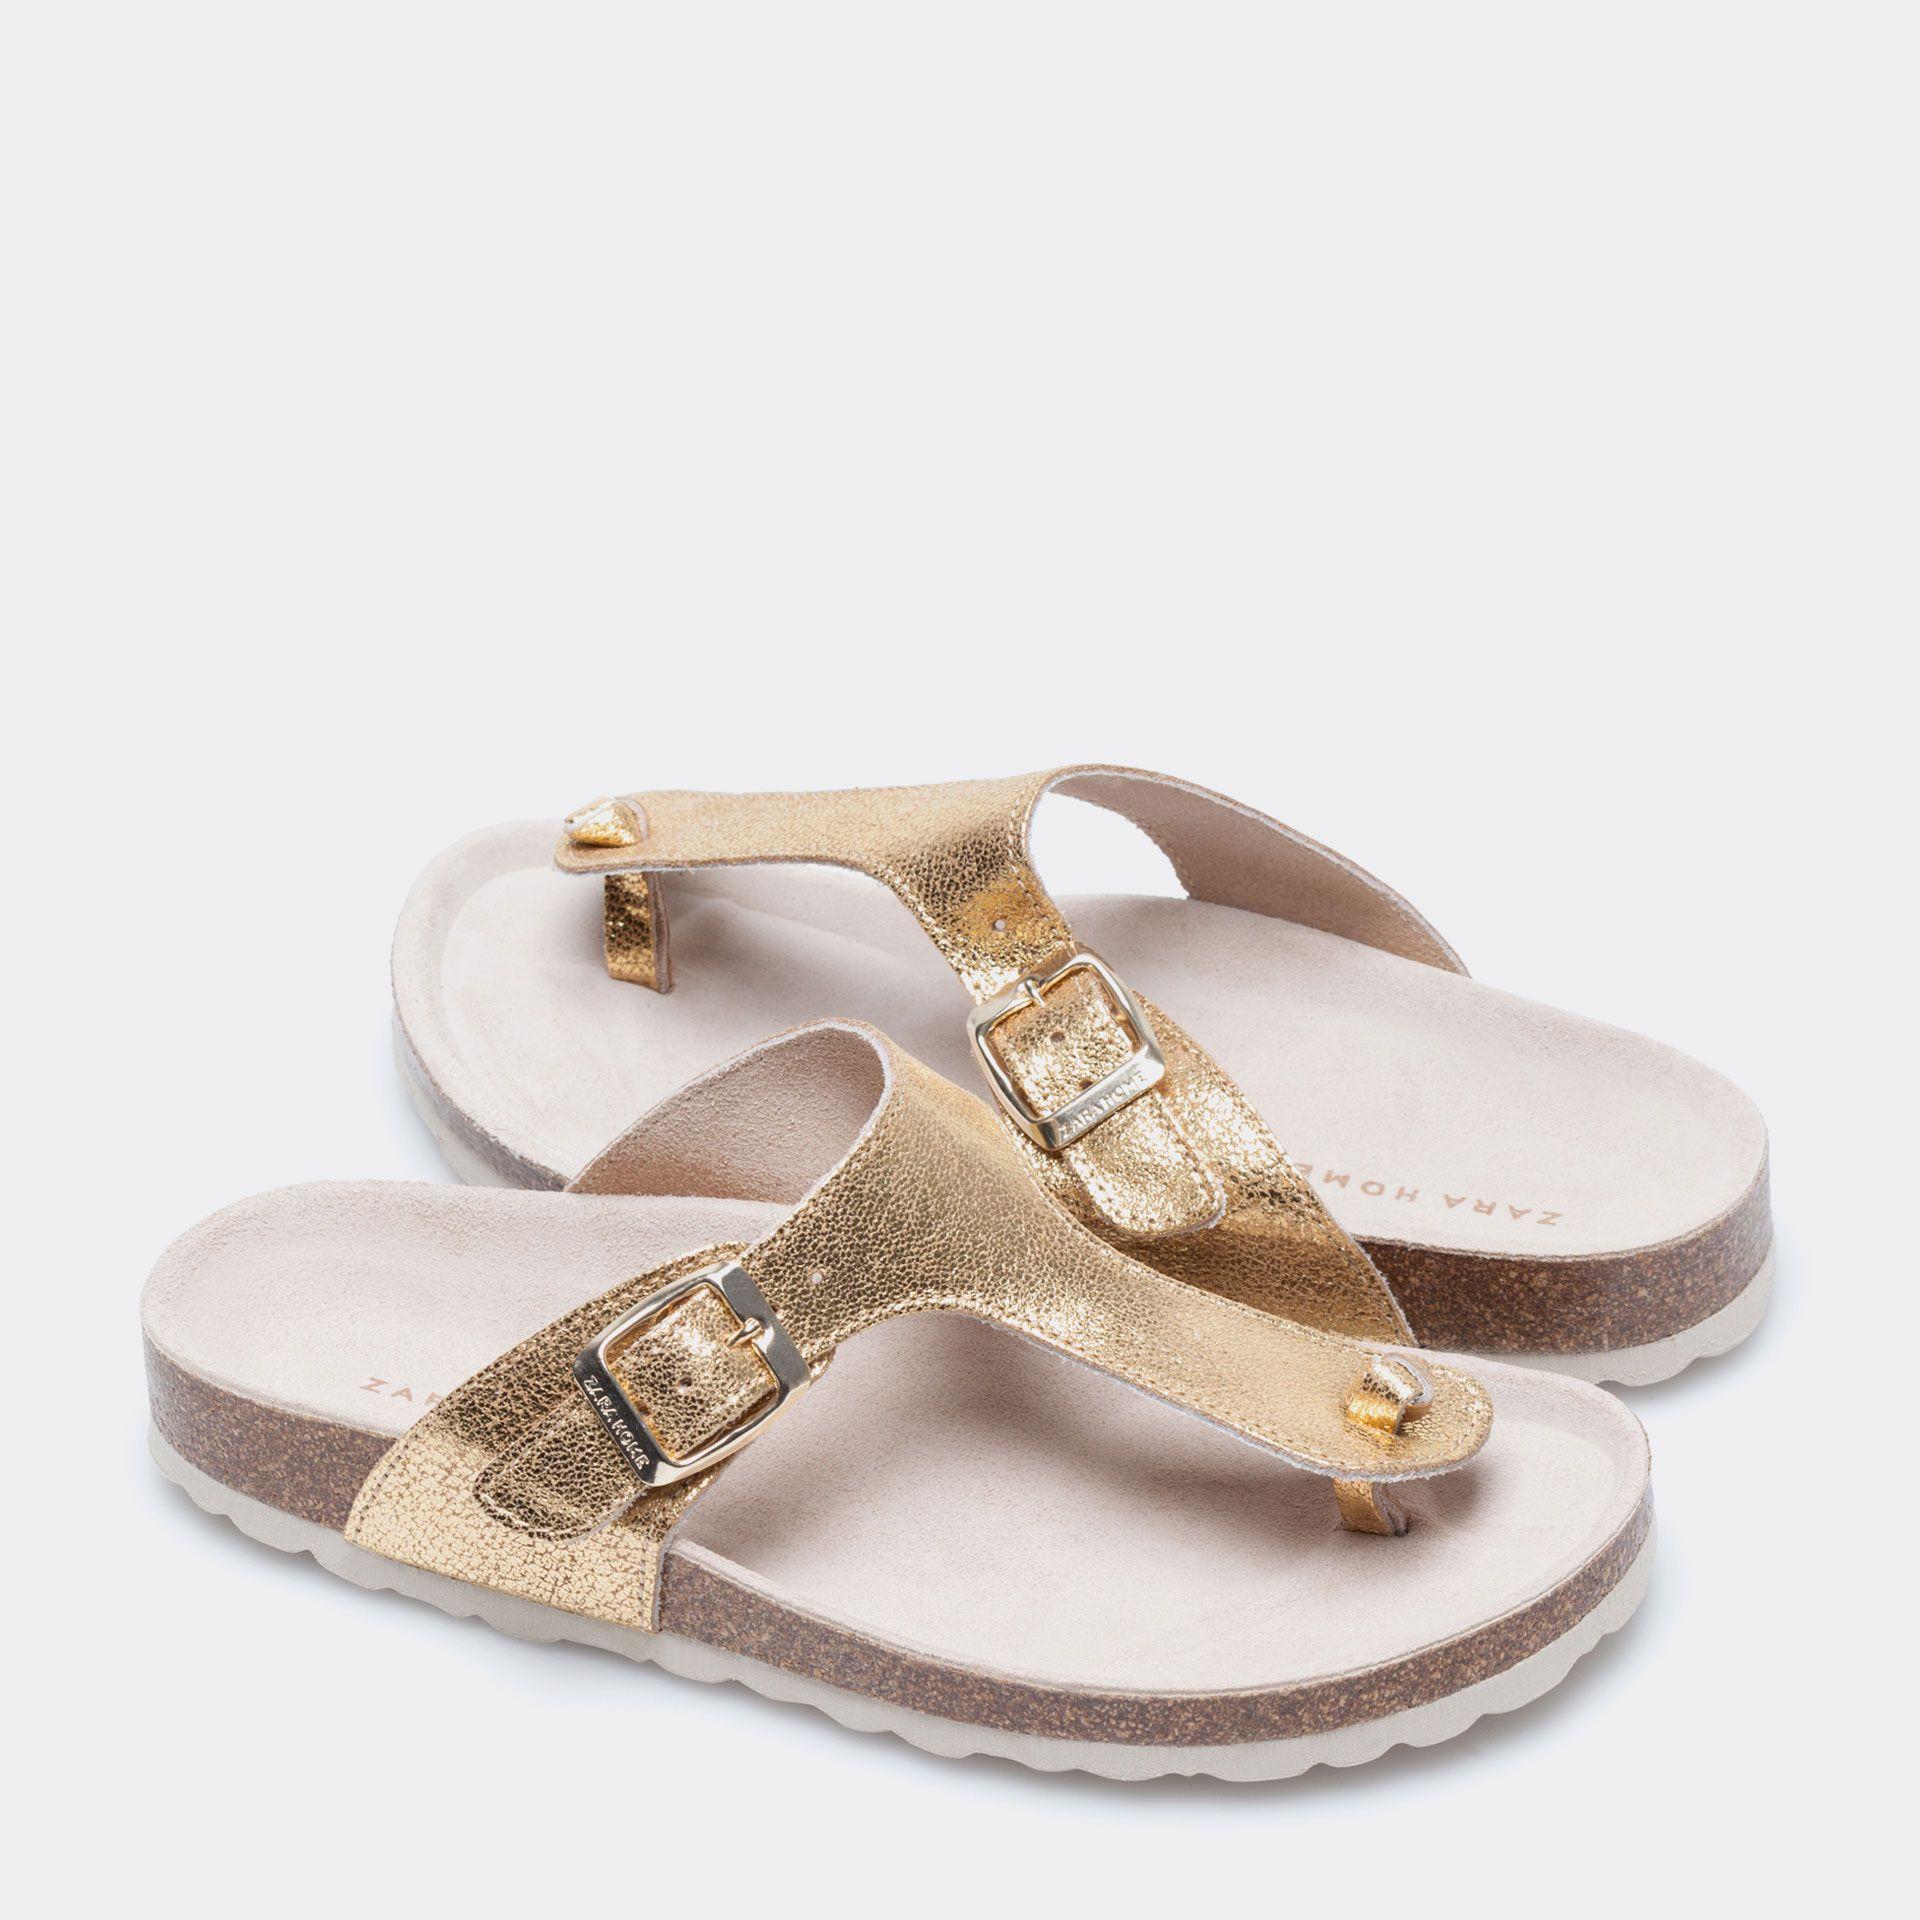 Sandalia piel dorada calzado mujer homewear shoes - Zara home online espana ...